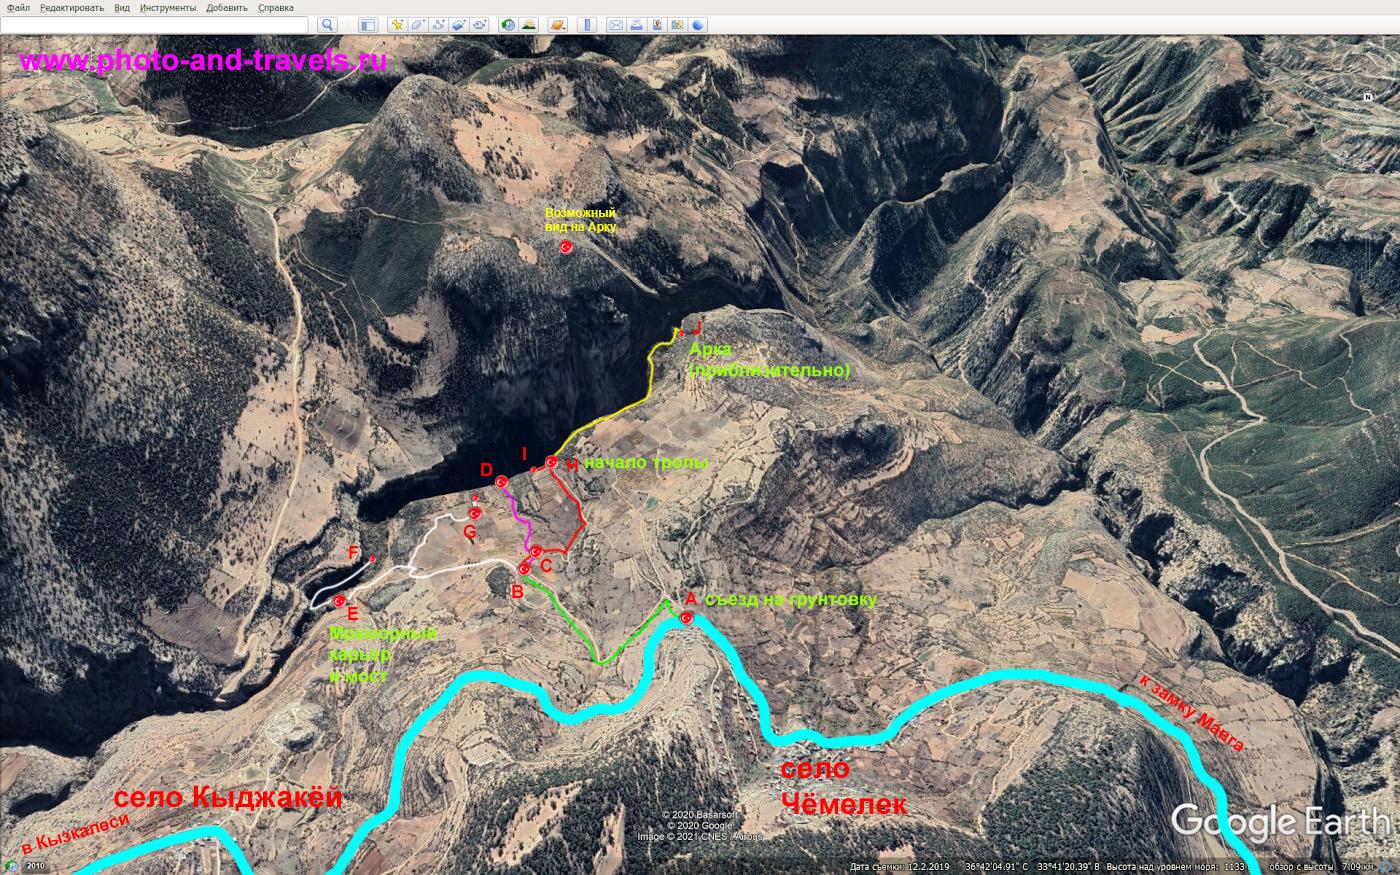 15. Карта со схемой, поясняющей, как найти Арку в каньоне Сасон, что в районе Мут провинции Мерсин.